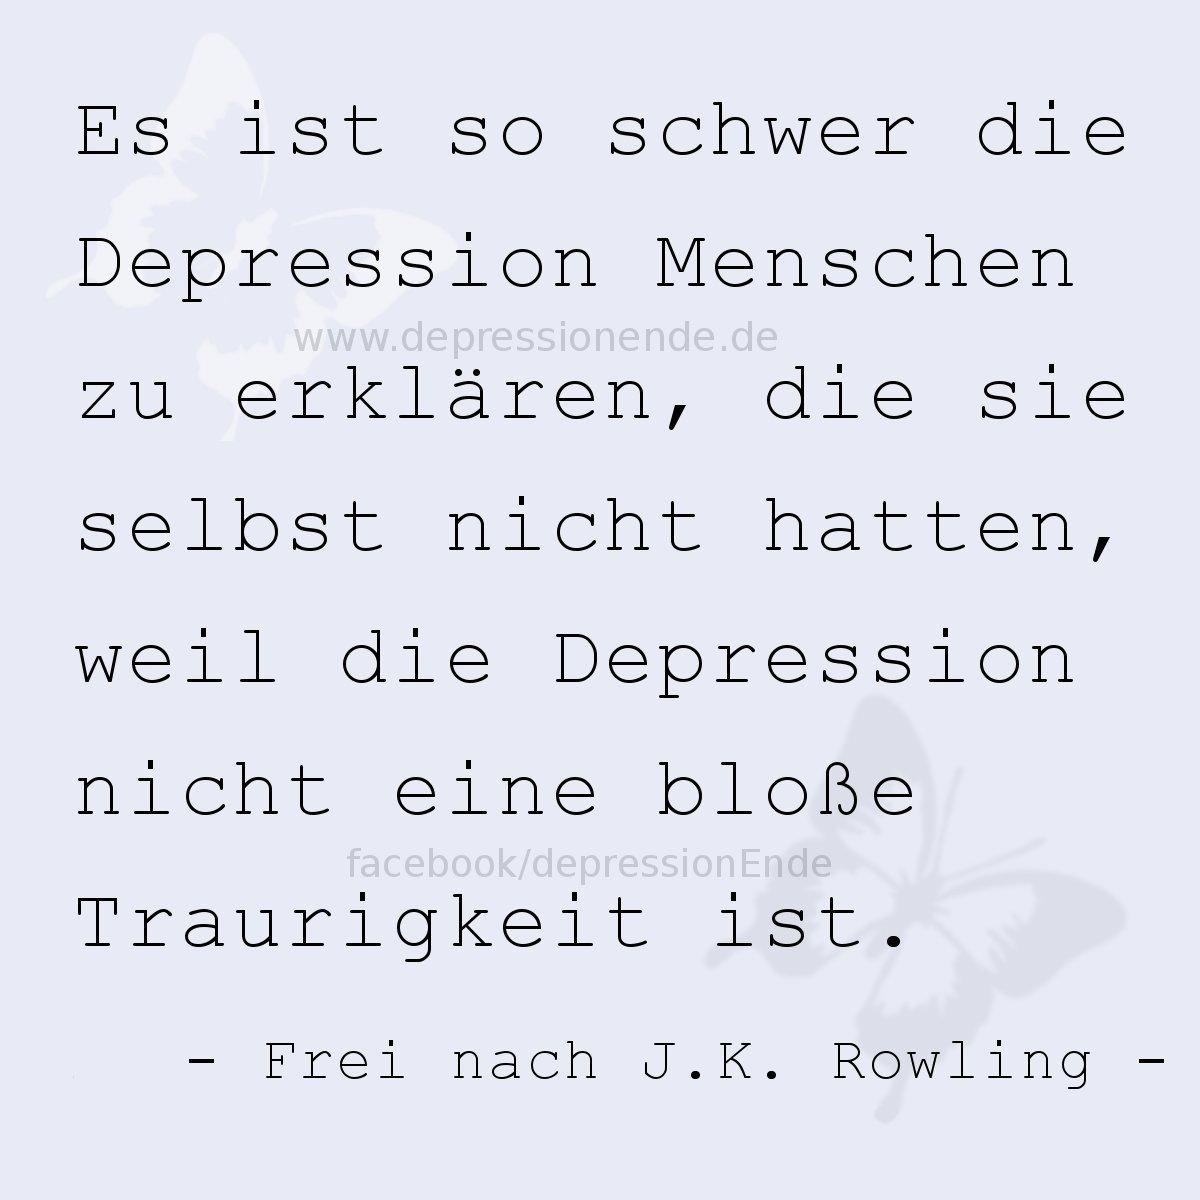 Keine Bloße Traurigkeit Die Eigene Depression Zu Erklären Fällt Vielen  Betroffenen Sehr Schwer   Sich Selbst Und Erst Recht